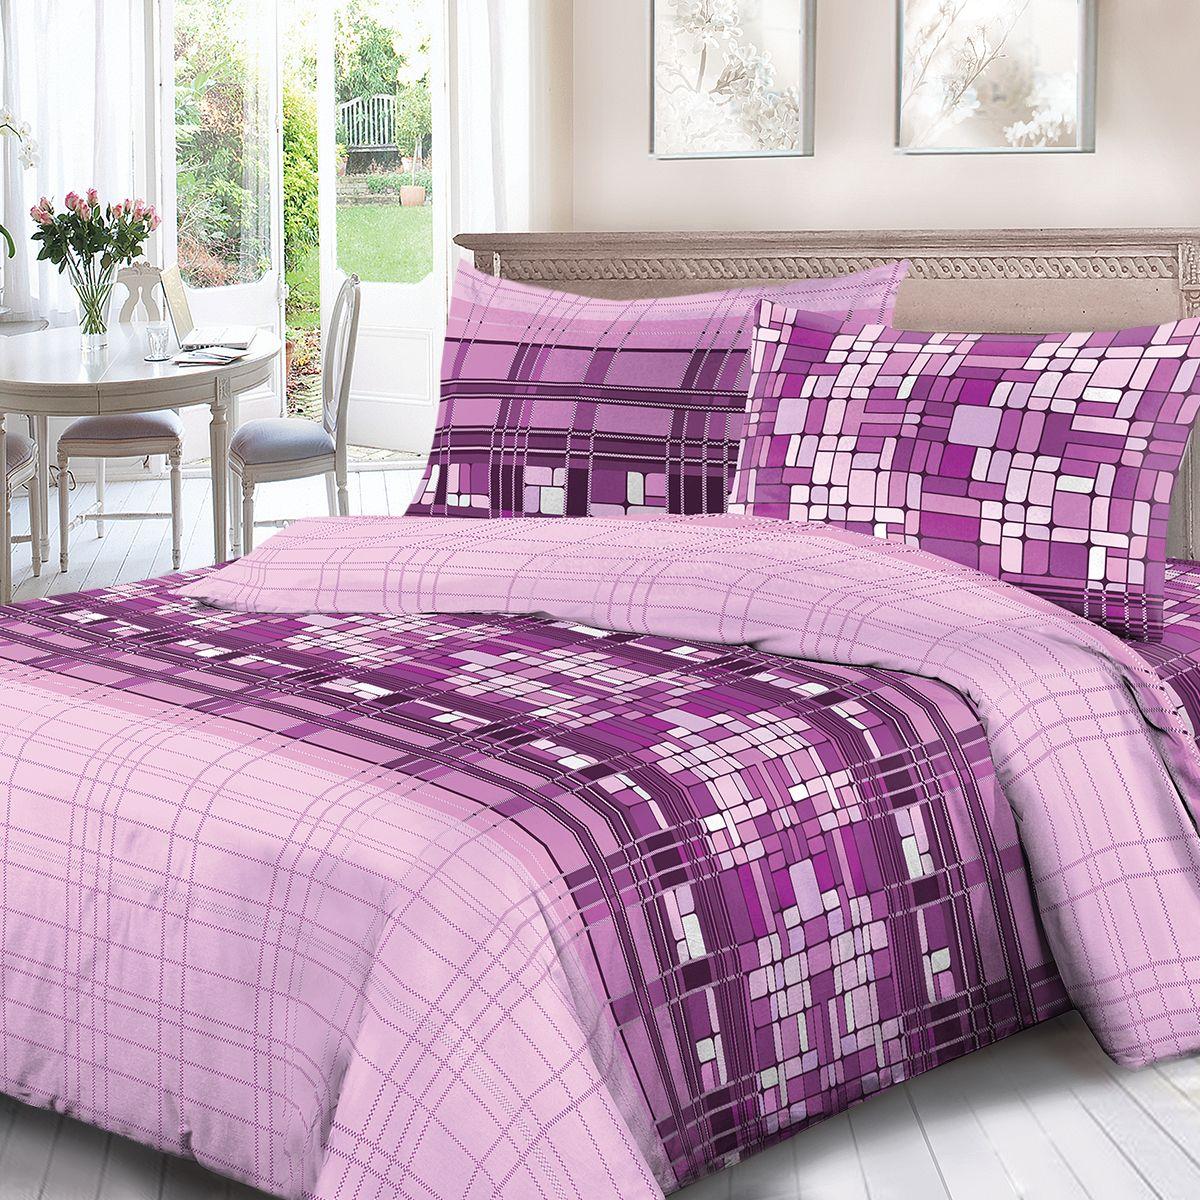 Комплект белья Для Снов Монпансье, 1,5 спальное, наволочки 70x70, цвет: сиреневый. 4072-186452